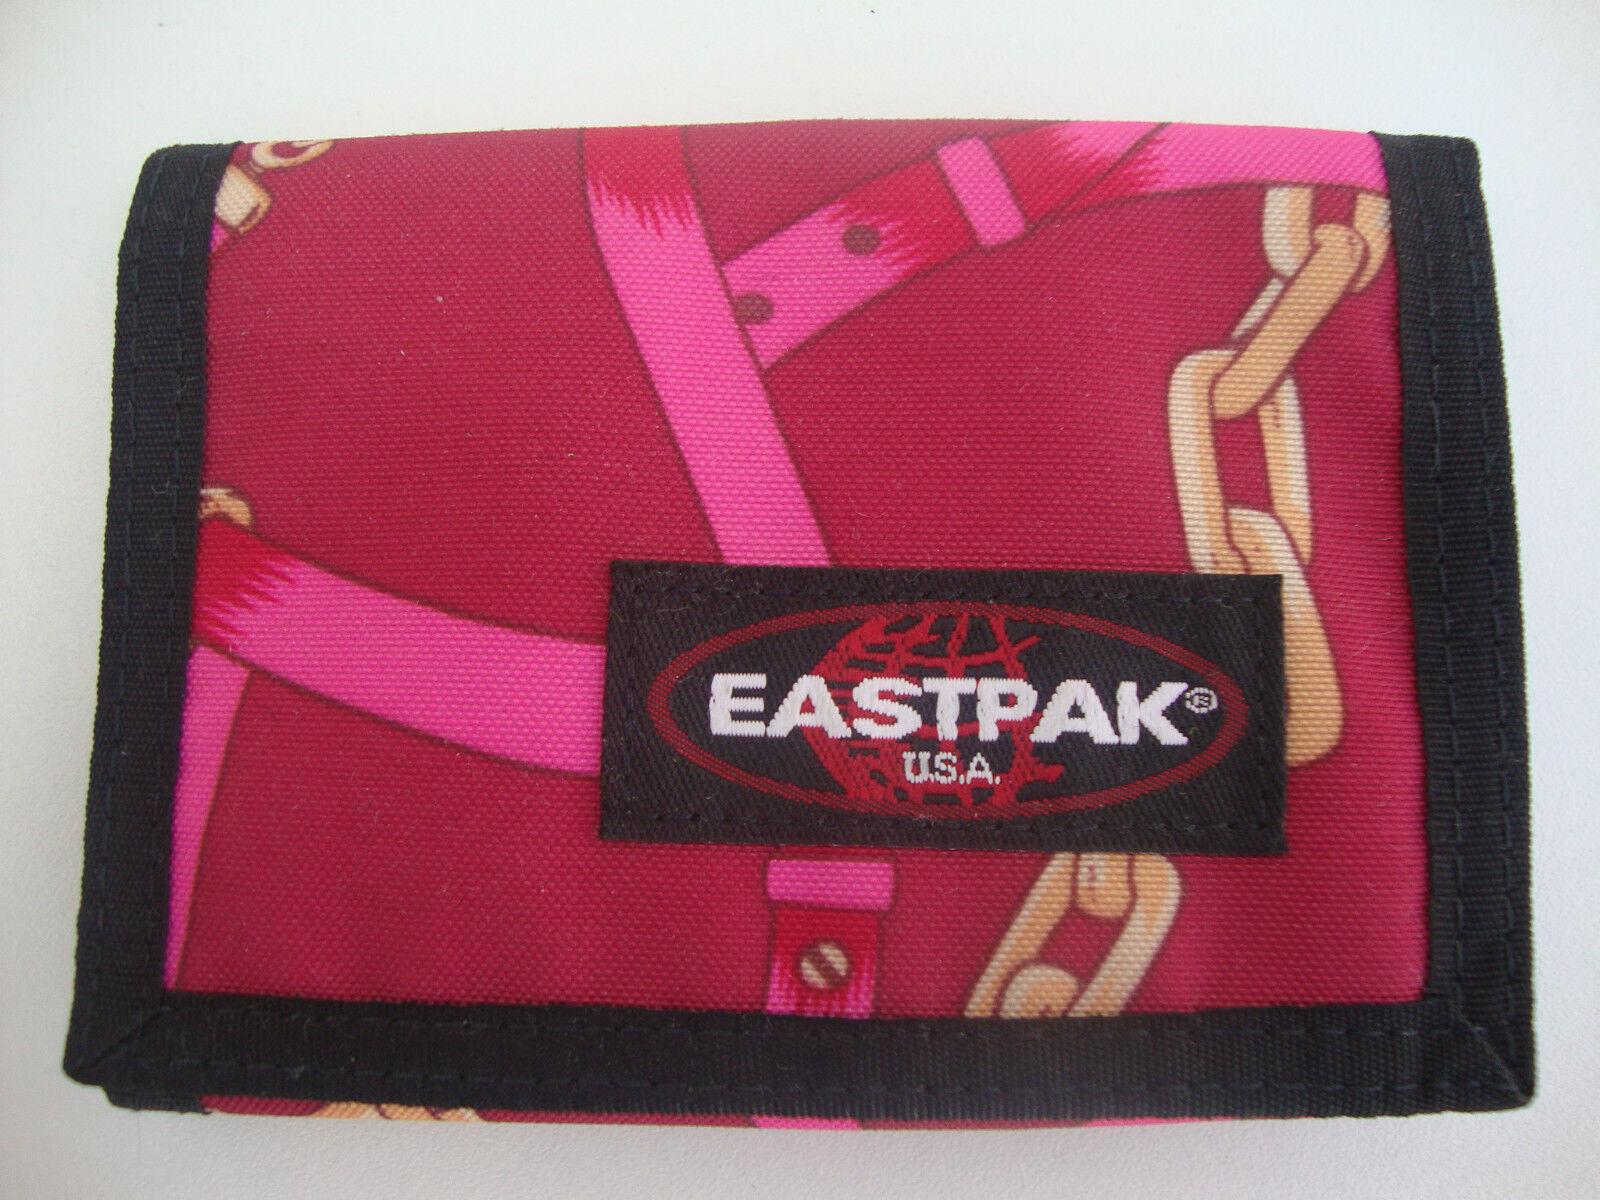 Eastpak U.S.A.Wallet Notecase Billfold Portafoglio Portefeuille Brieftasche